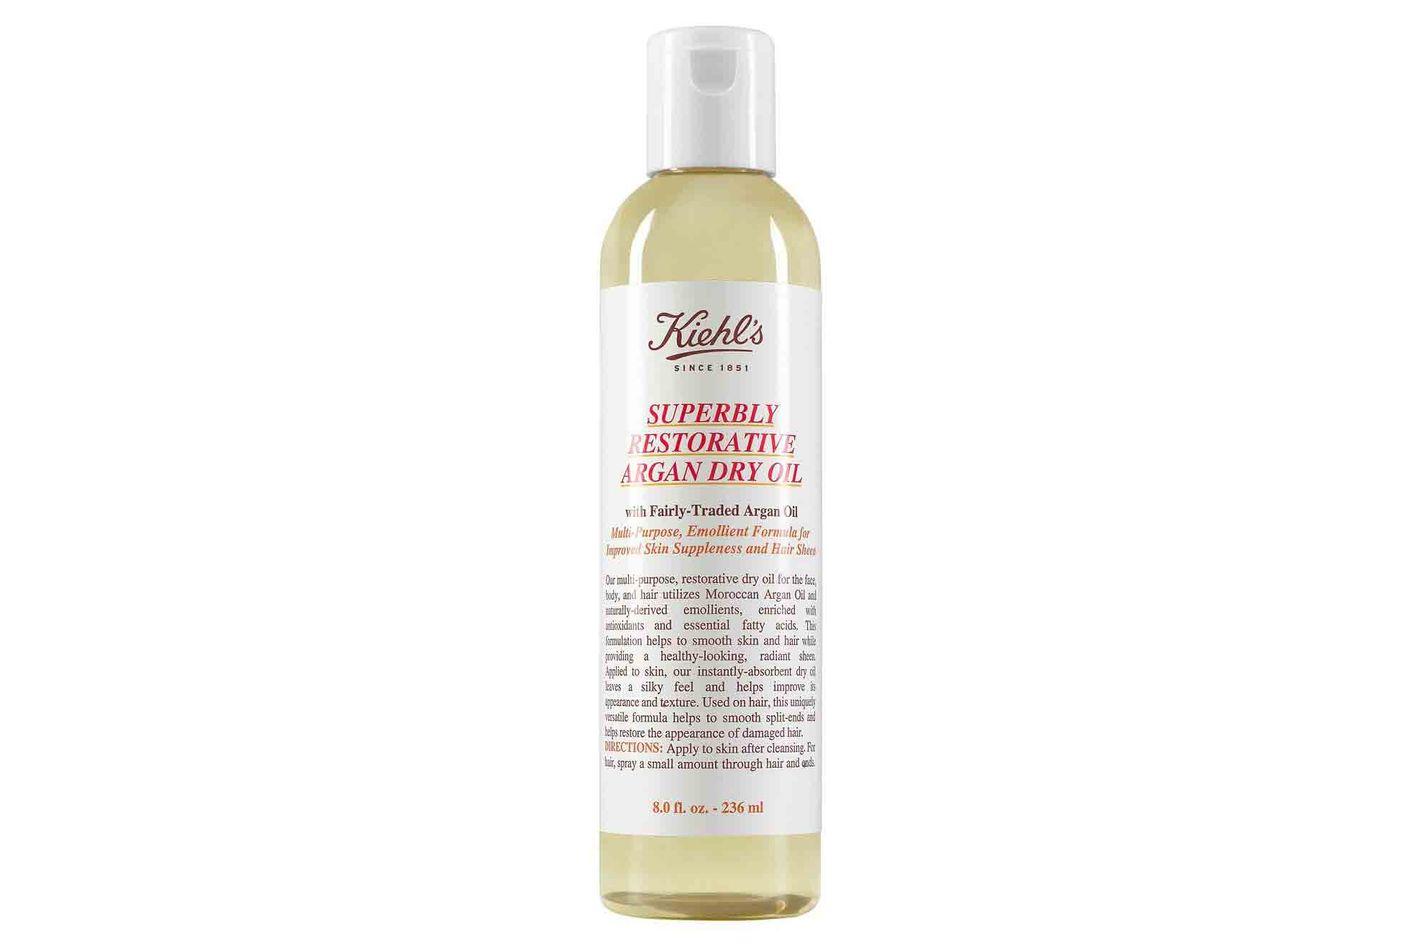 Kiehl's Superbly Restorative Dry Oil